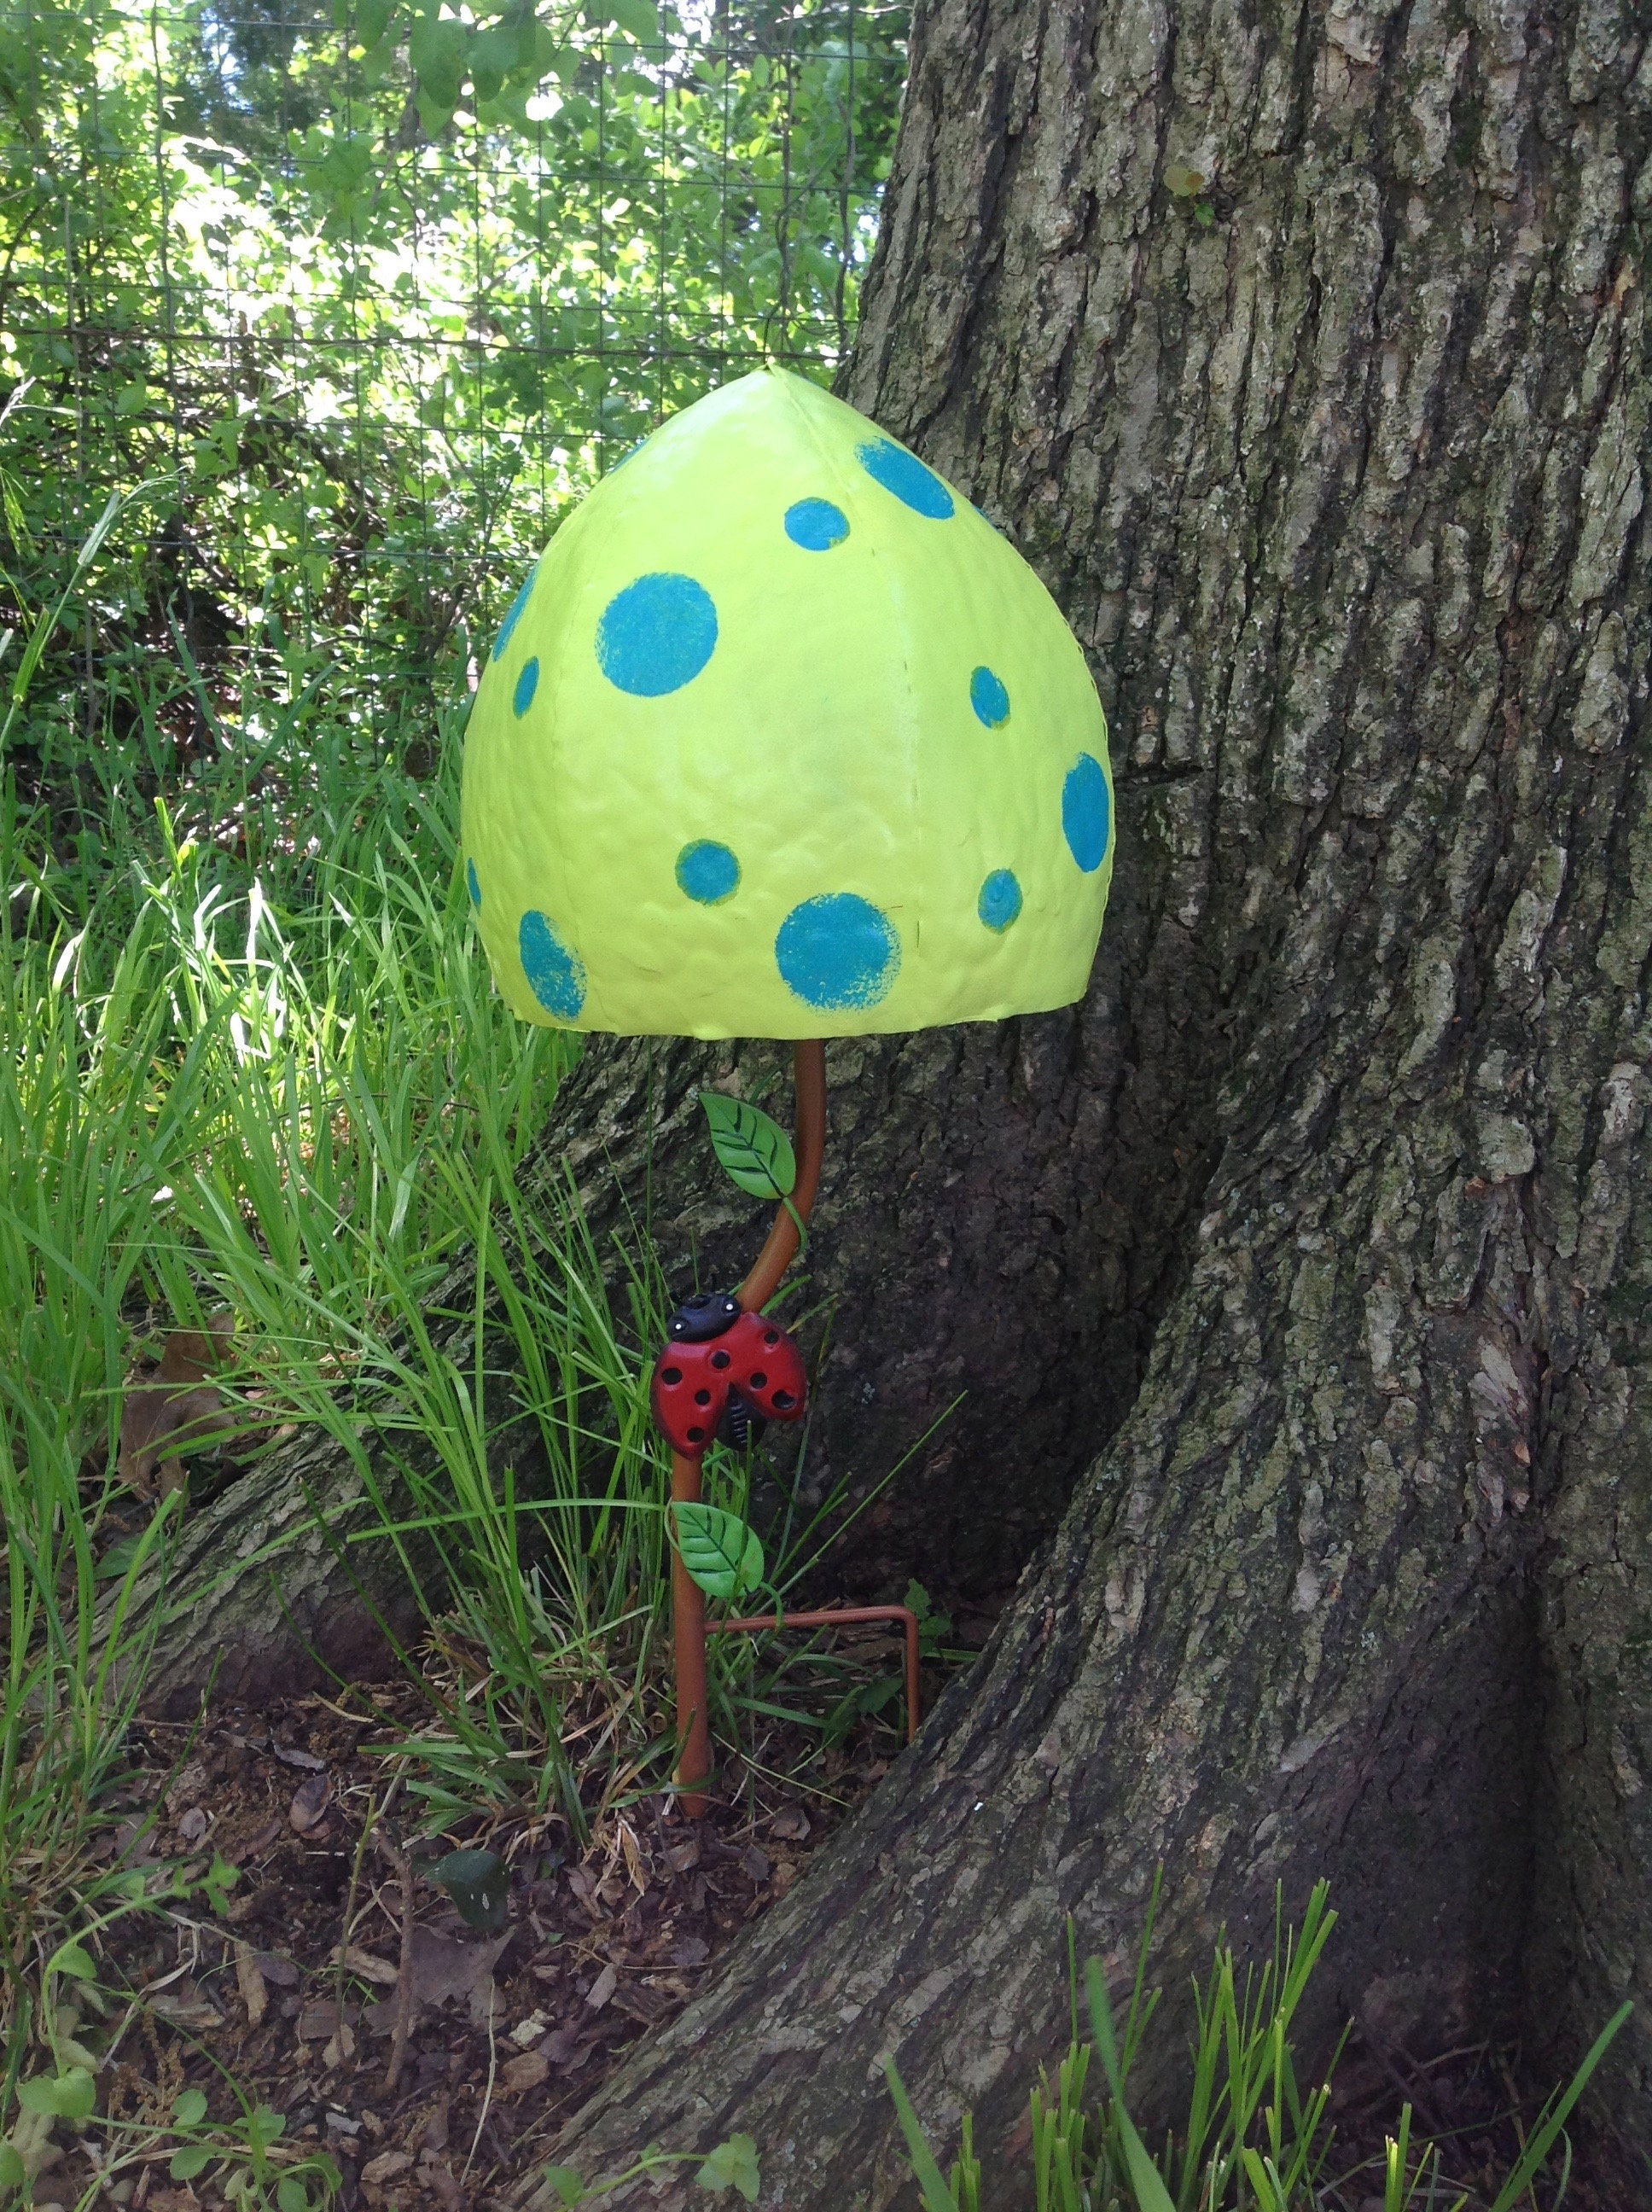 Fun Fungi Large Lime Mushroom Garden Stake Metal Whimsical Etsy